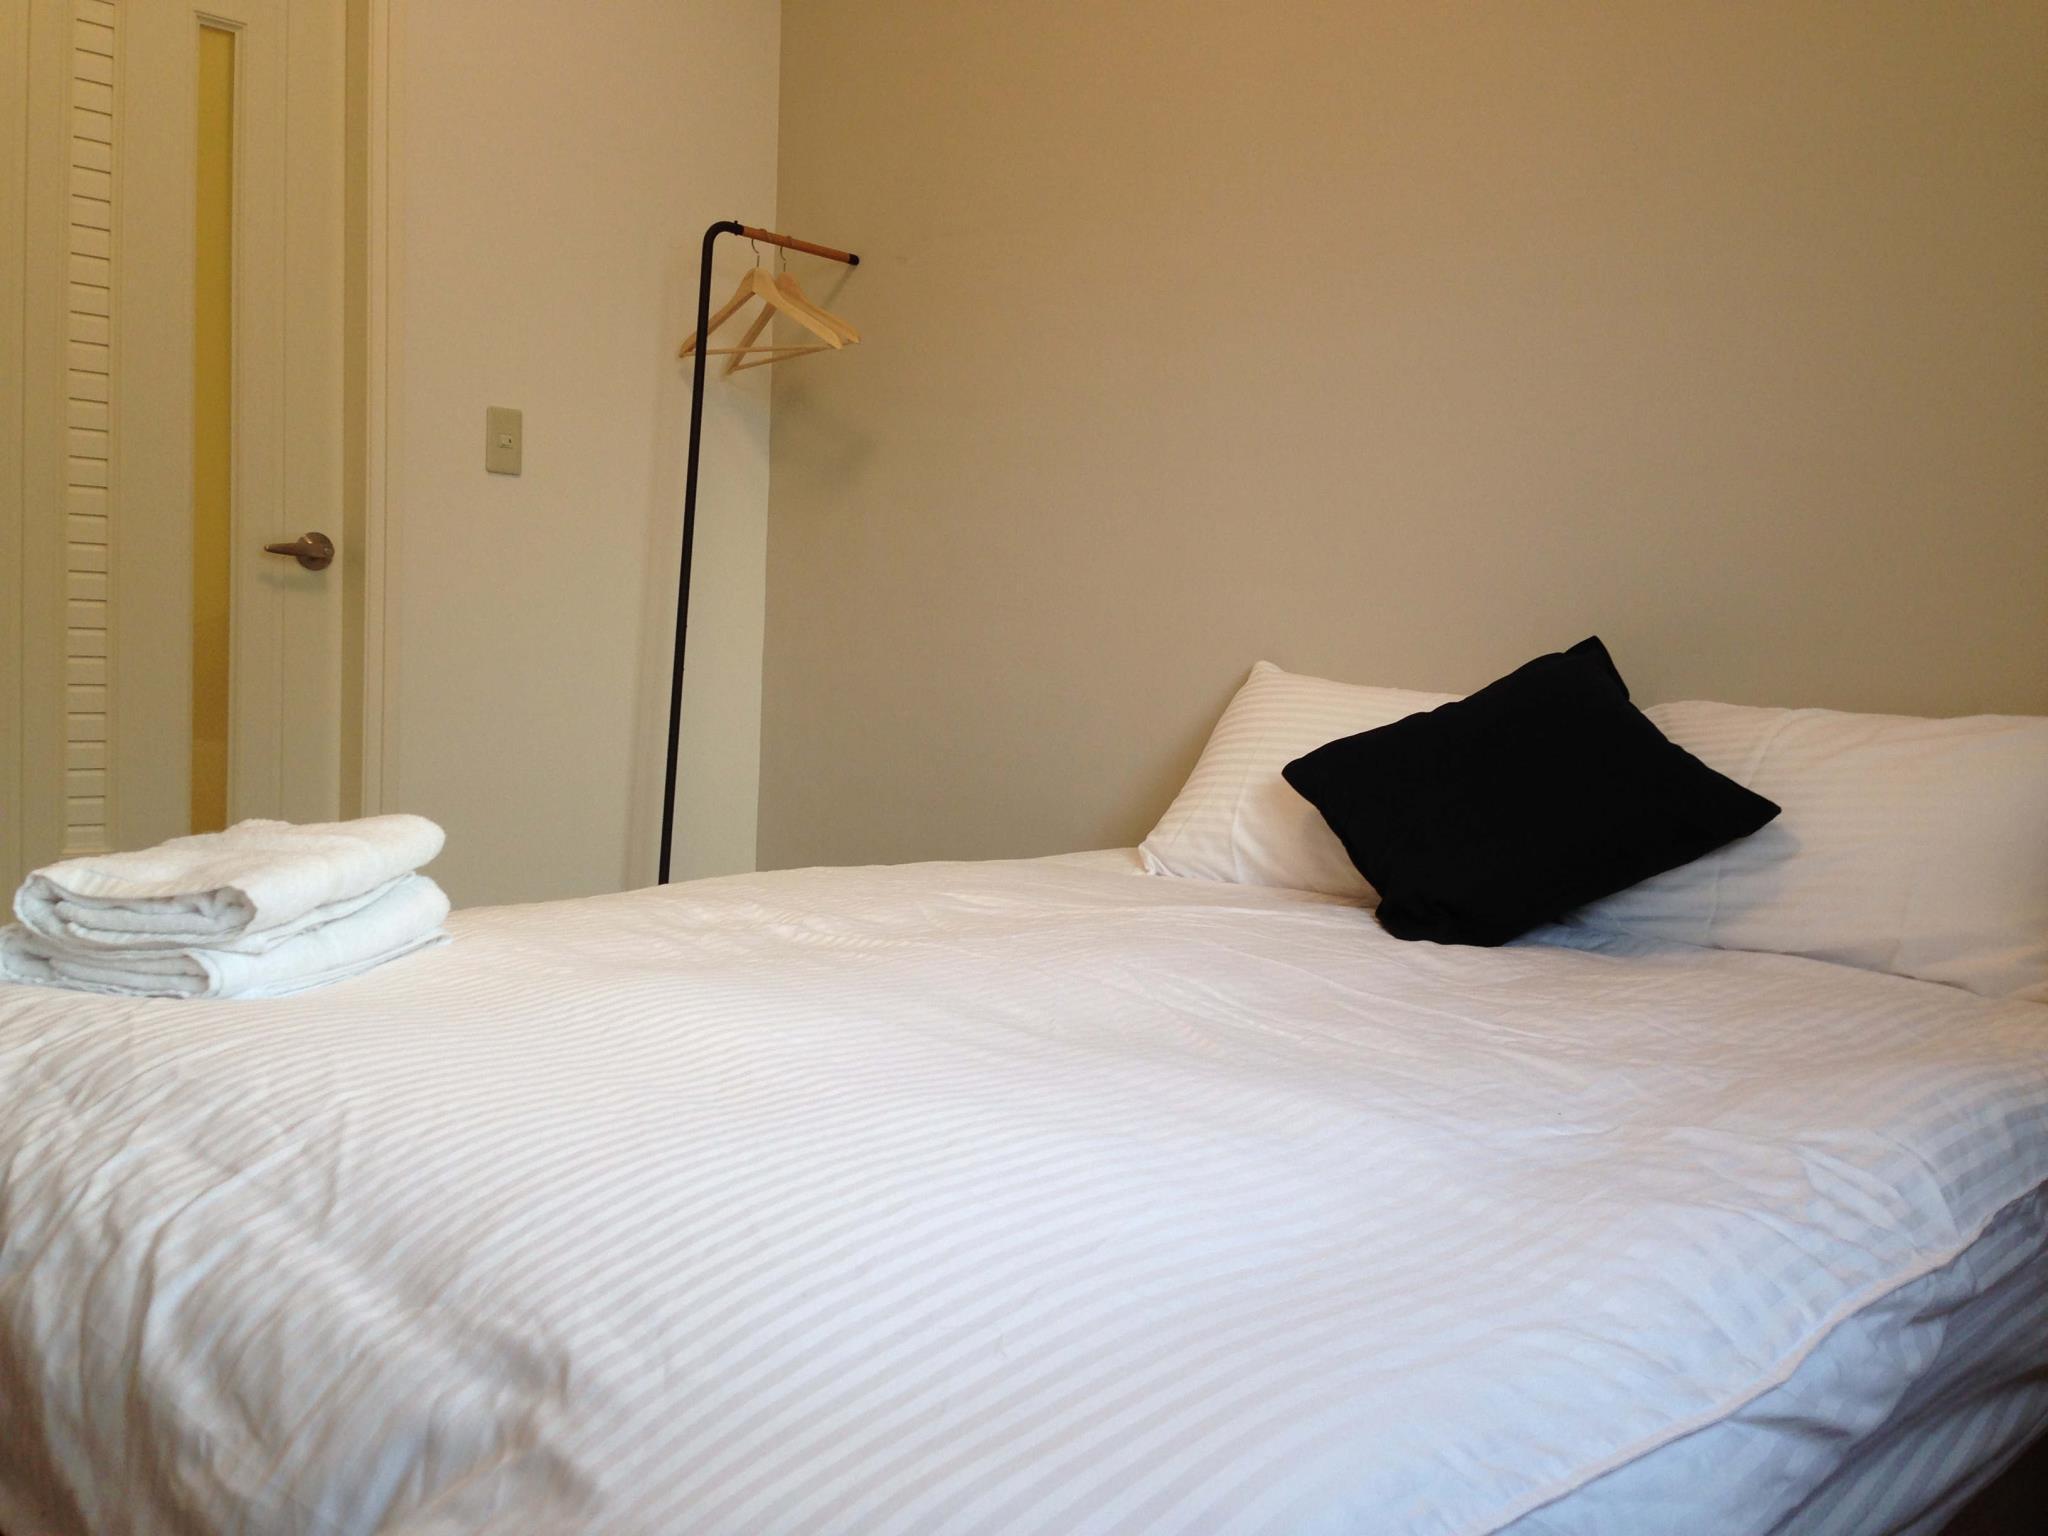 Fengjia No.5 Hostel Standard Double Room9